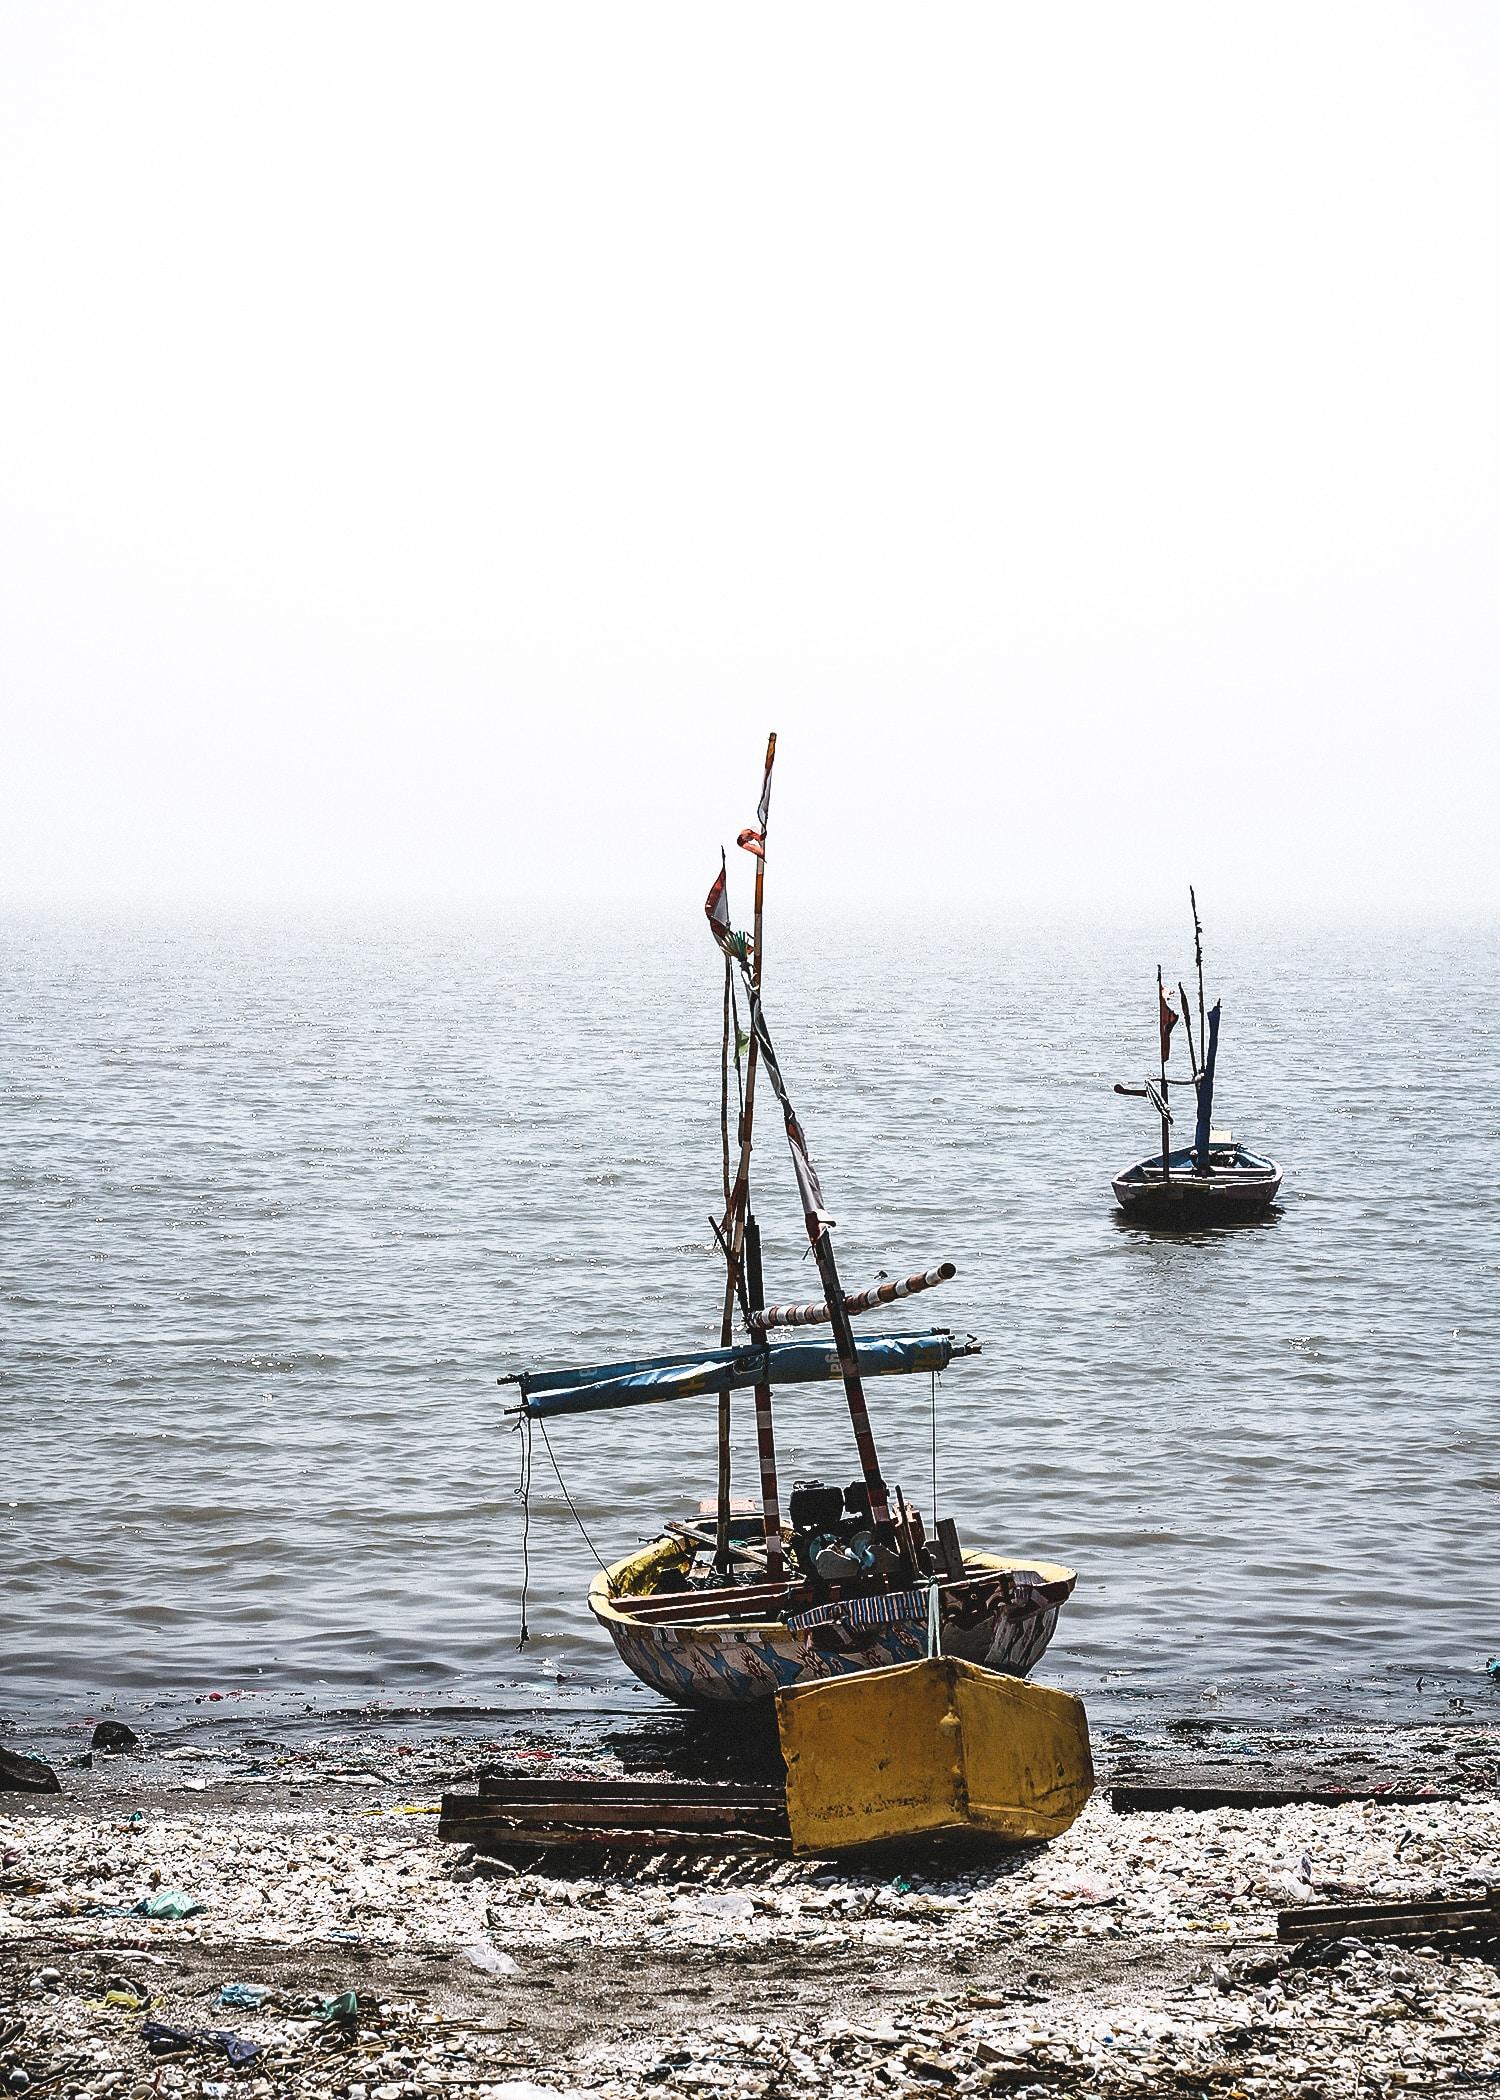 brown and gray sailboat near shore